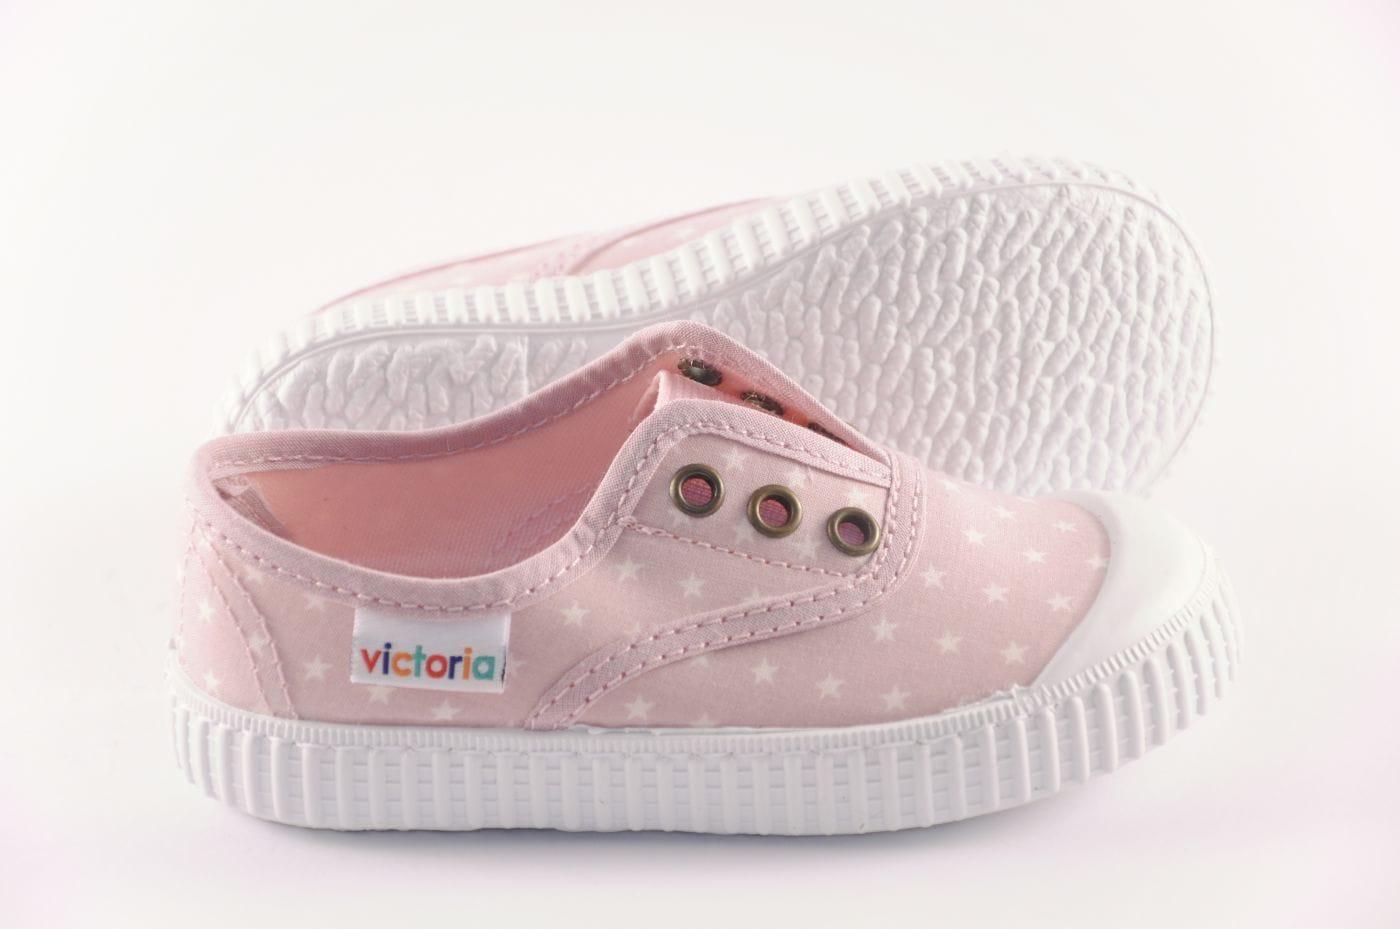 5d0d3050b90 Comprar zapato tipo JOVEN NIÑA estilo LONA COLOR ROSA LONA | LONA ...